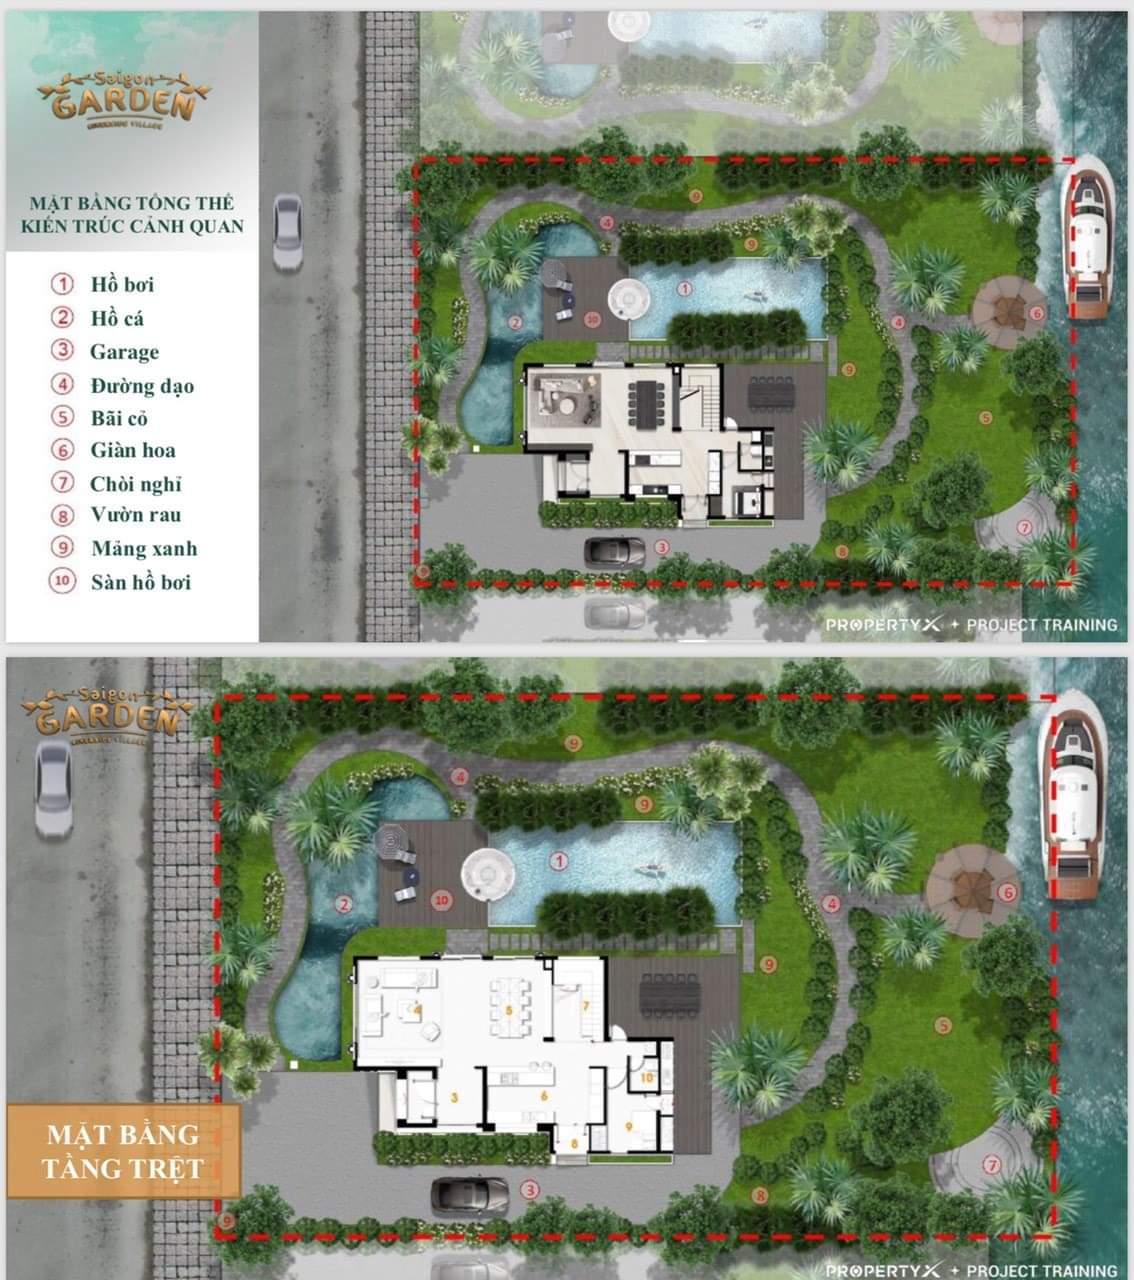 2 Saigon Garden Riverside Village - Hình thức sở hữu lâu dài, biệt thự nhà vườn nghỉ dưỡng